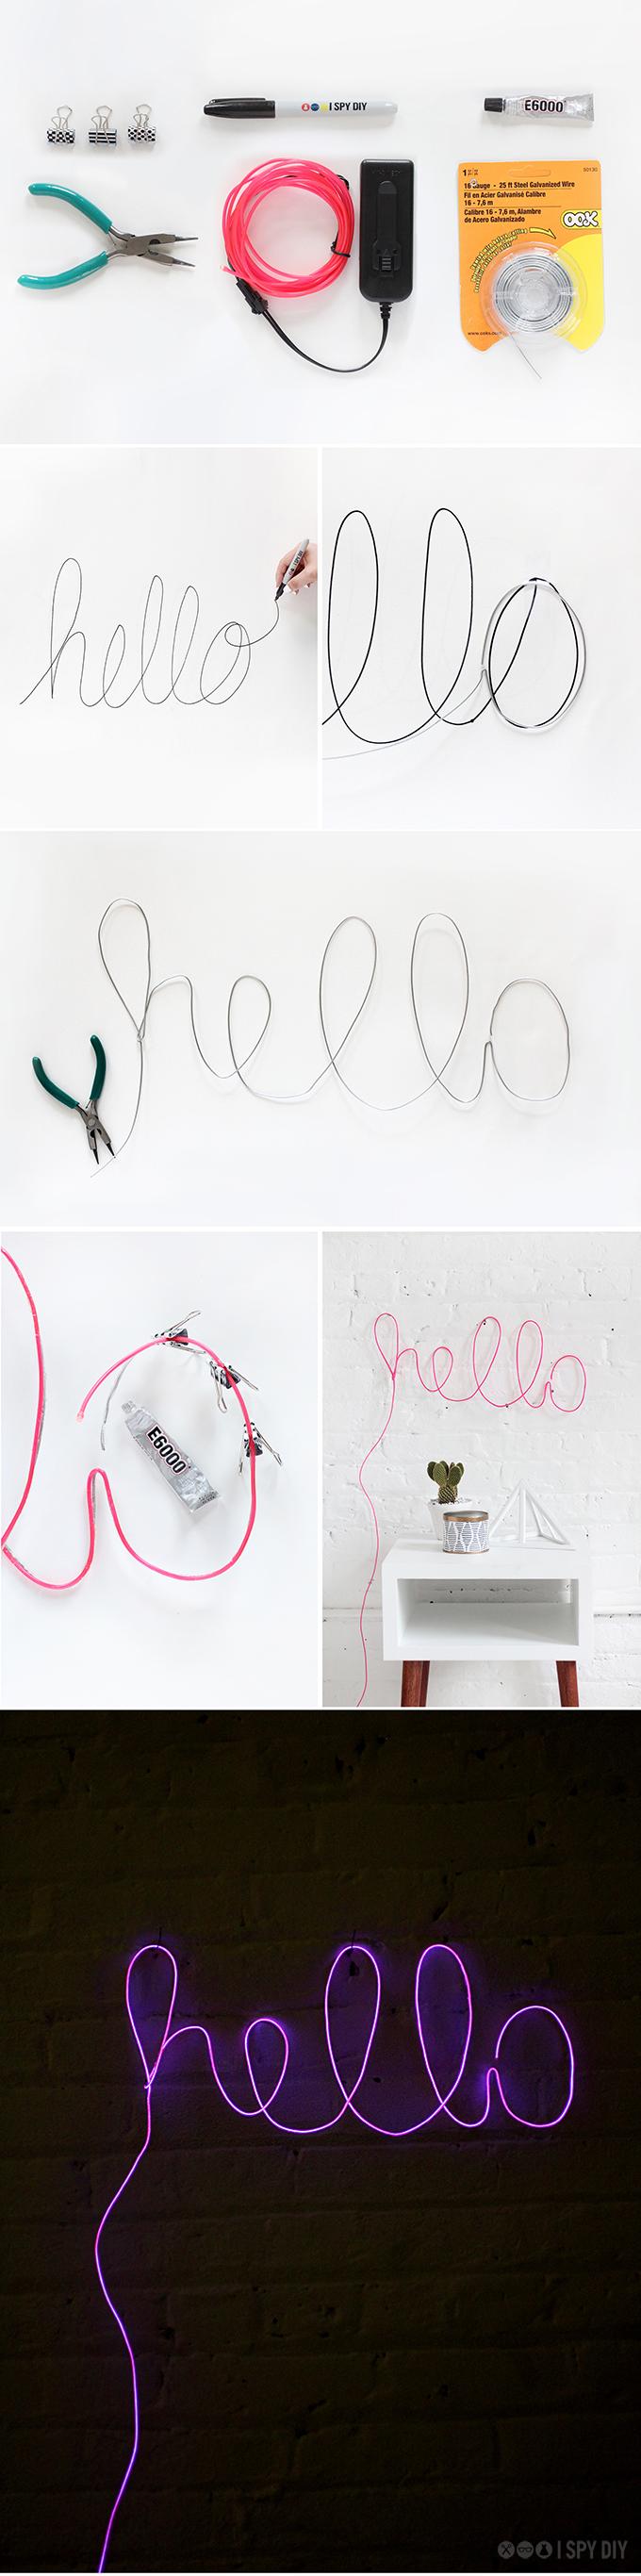 idée comment créer une deco en neon, lettres lumineuses, tutoriel, activité manuelle adulte, bricolage facile, idée créative